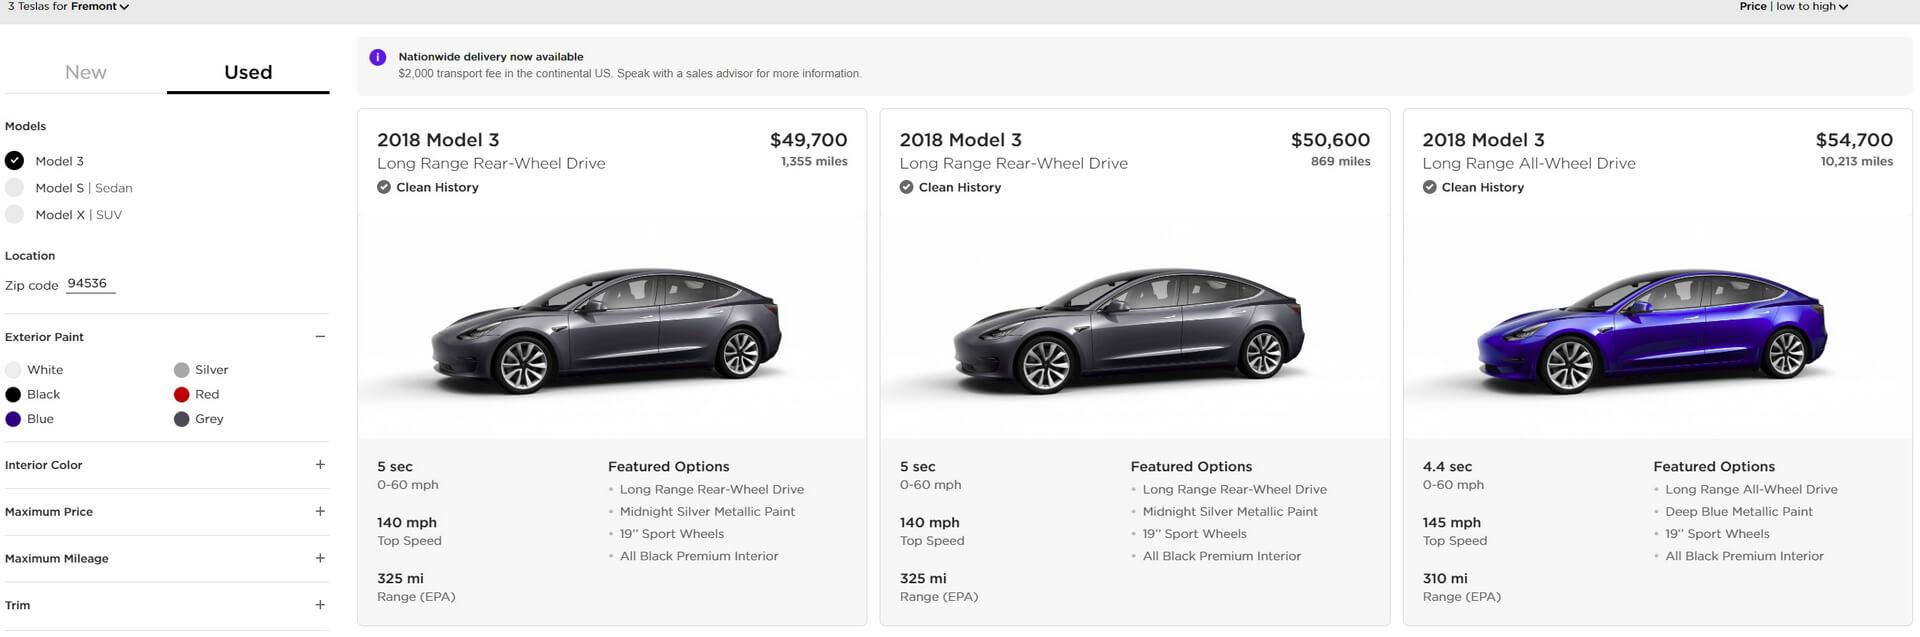 Продажа подержанных электромобилей Model 3 через веб-сайт Tesla